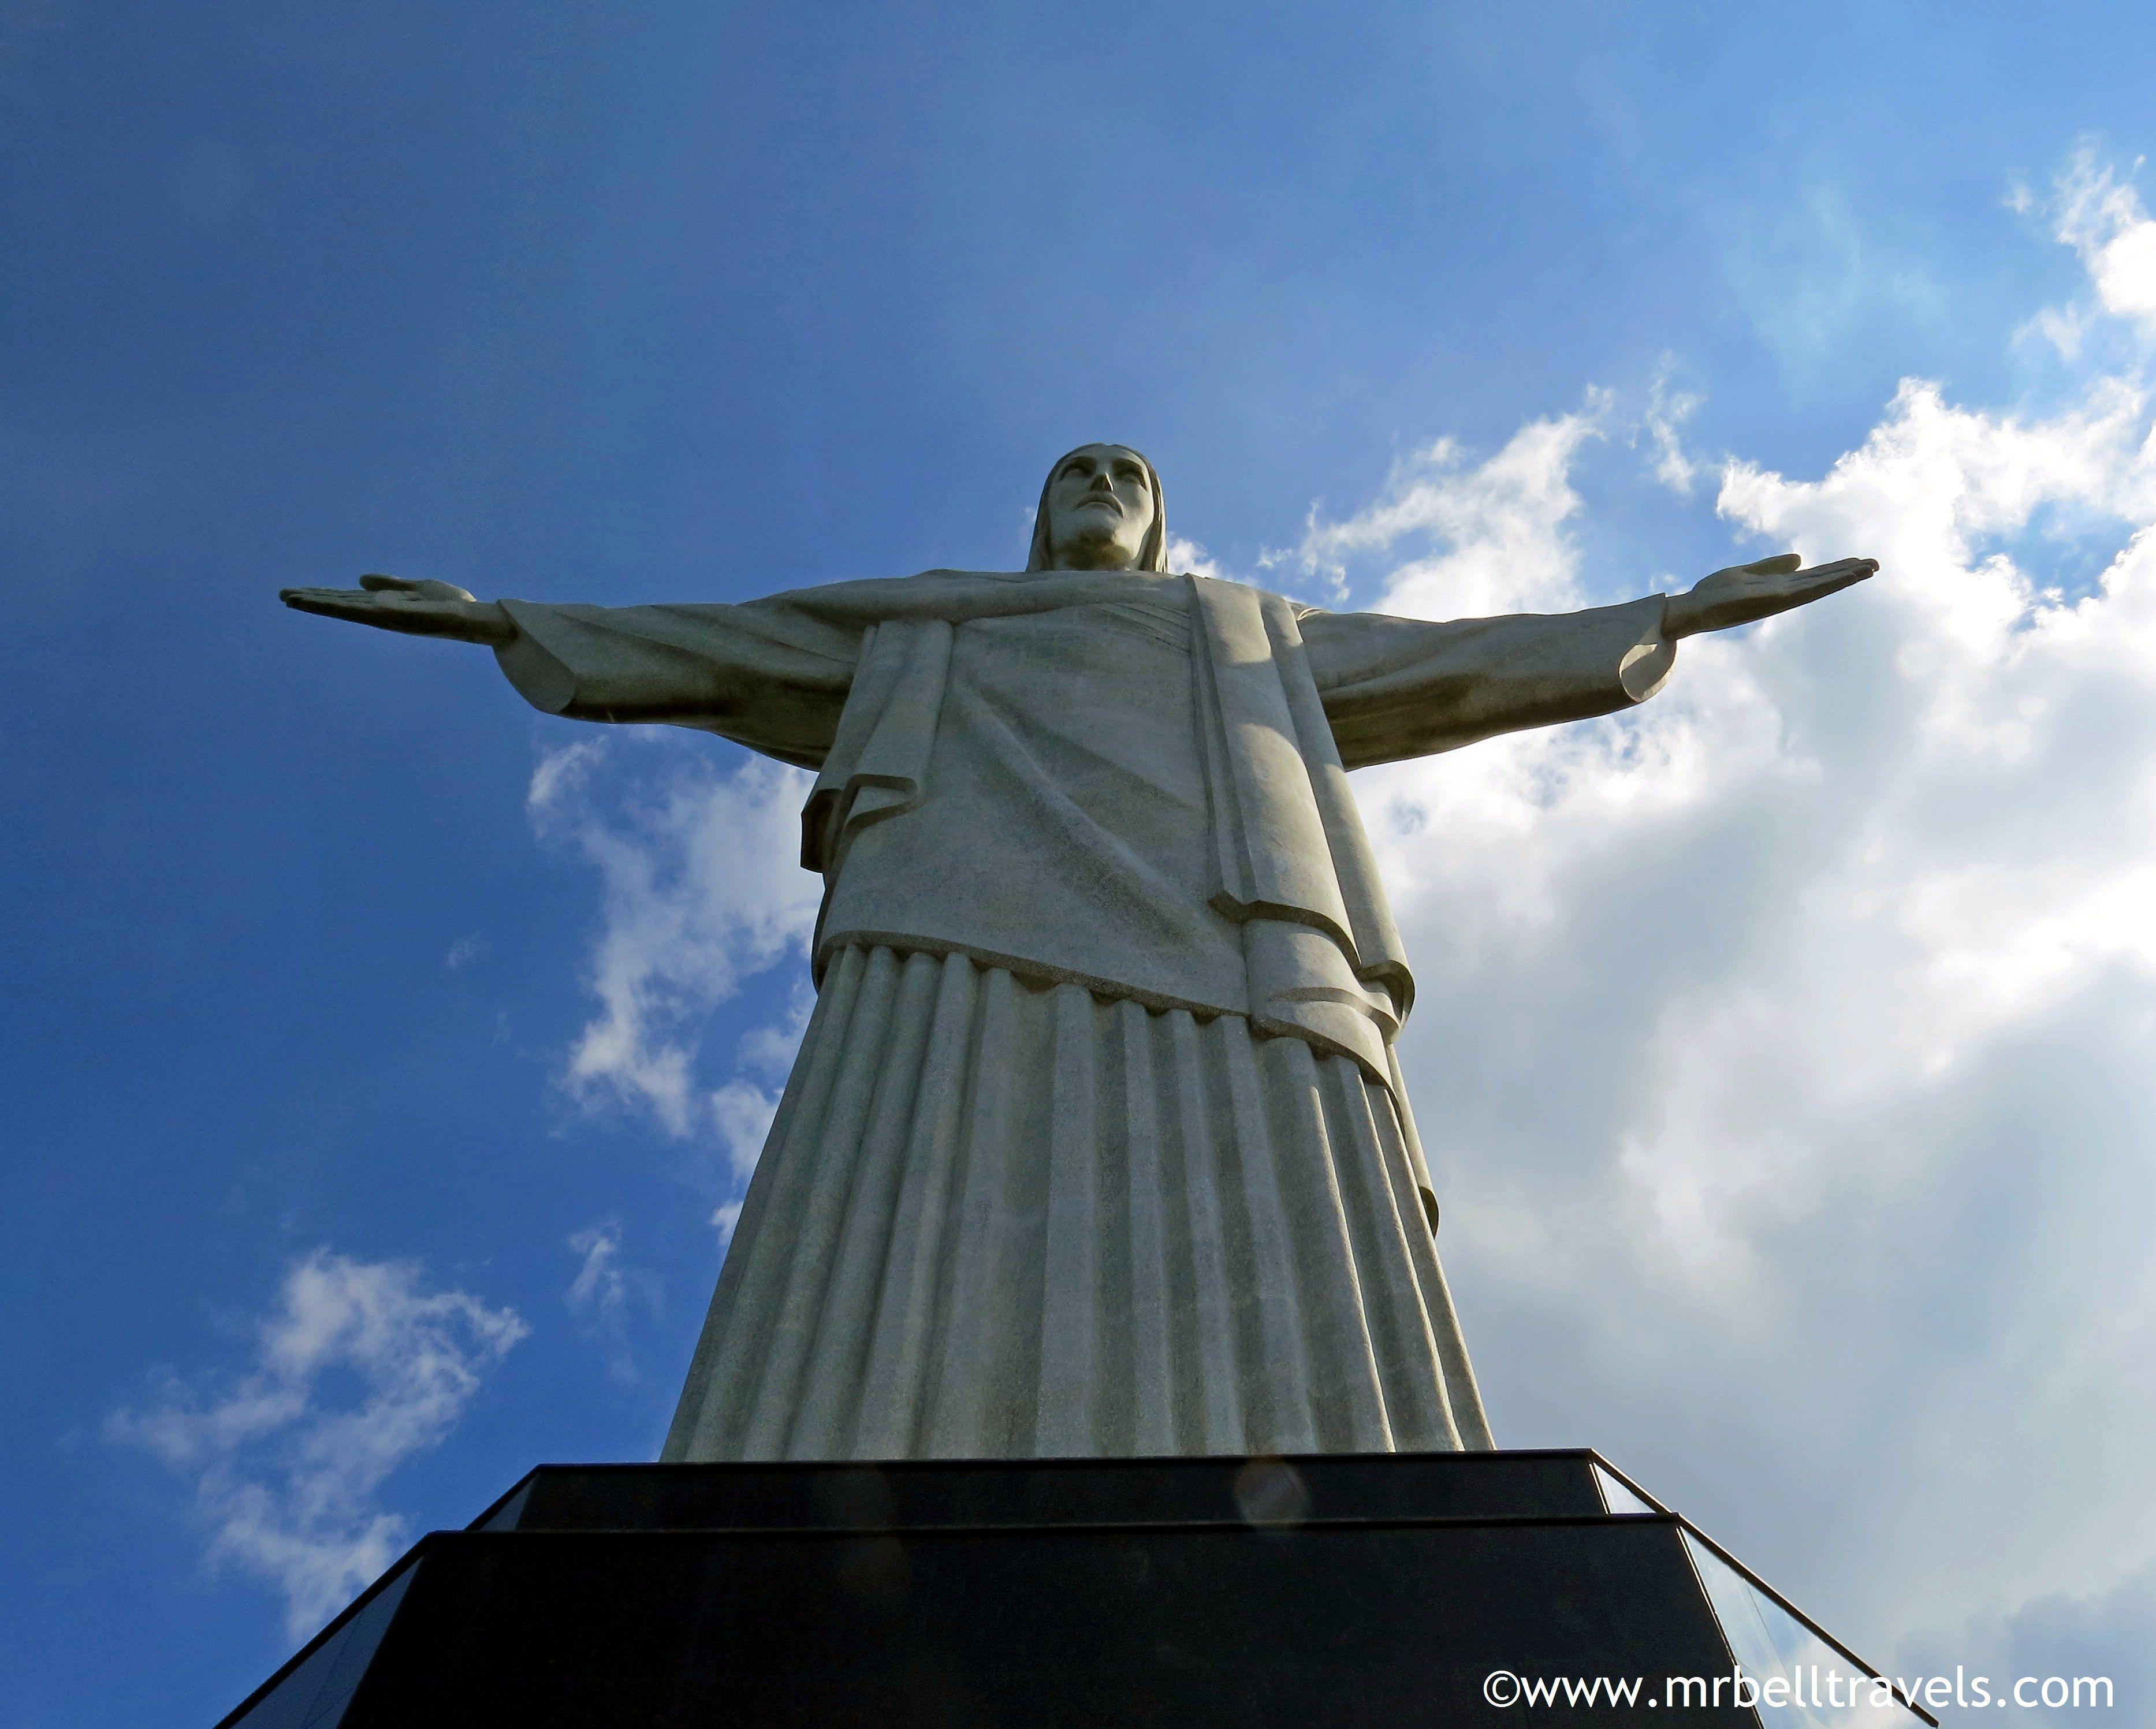 The statue of Christ the Redeemer, Rio de Janeiro